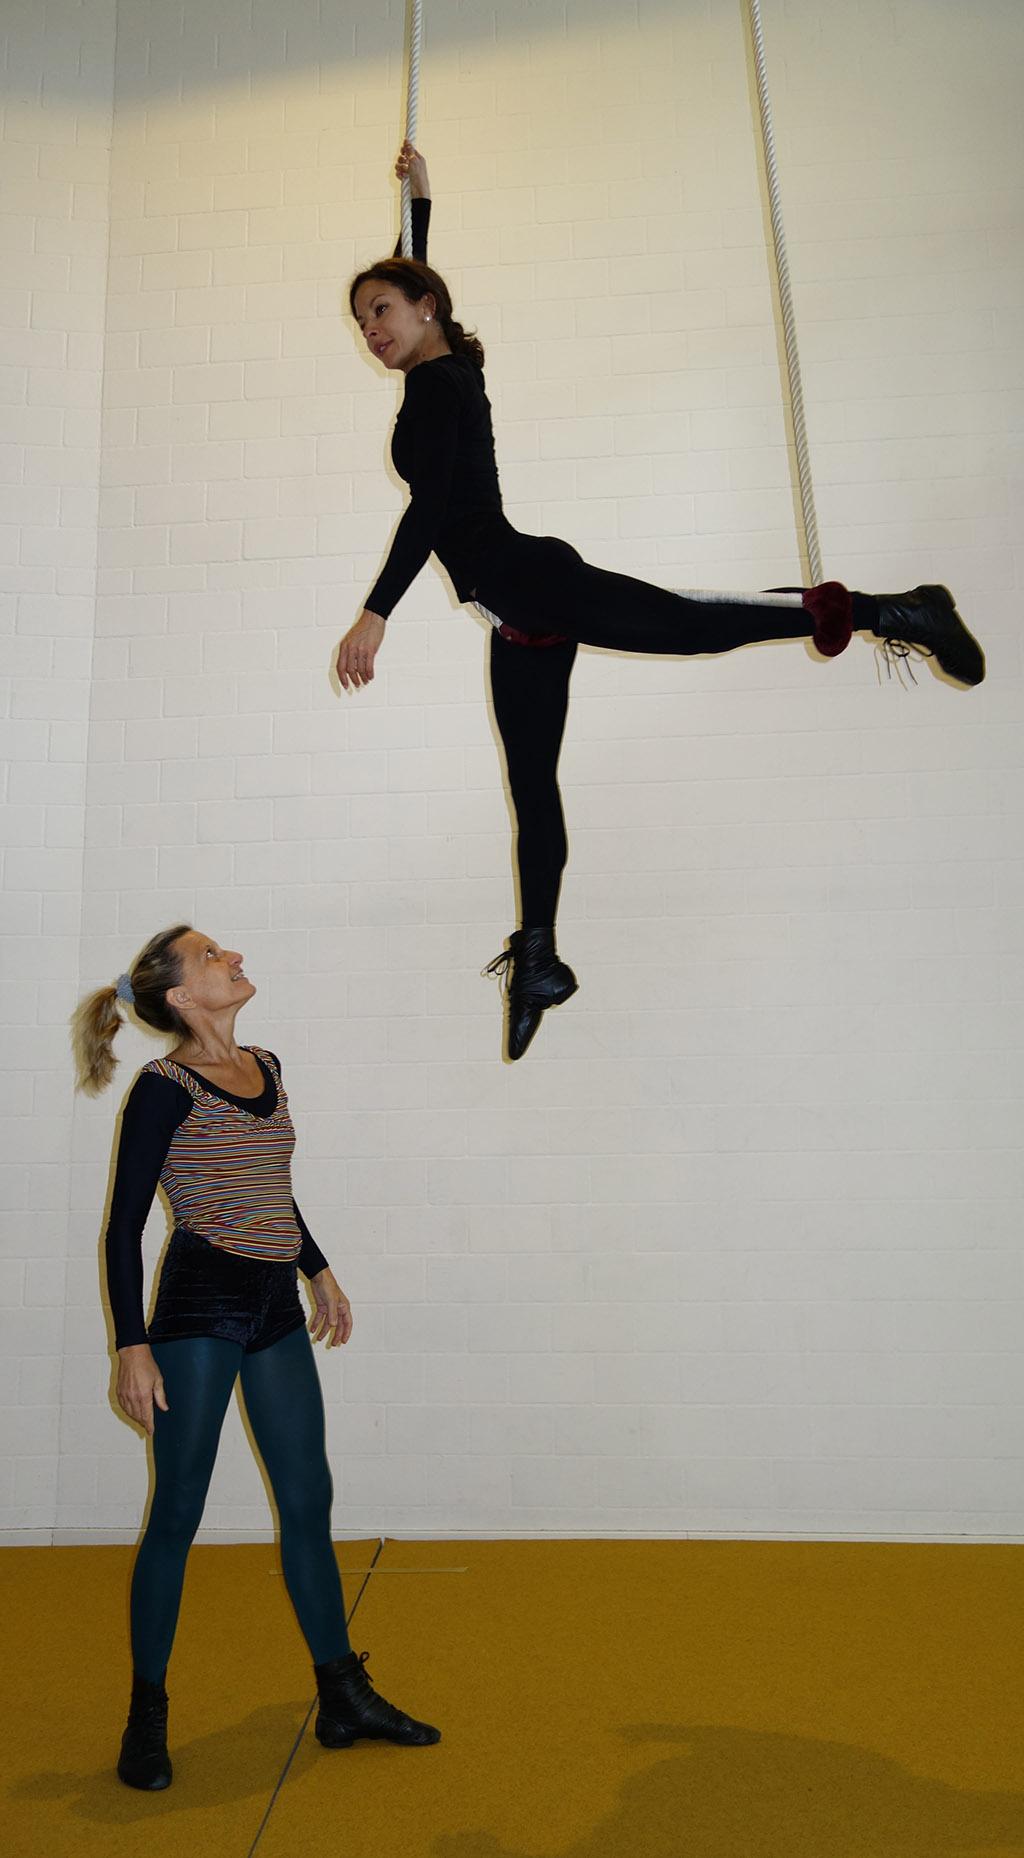 Privat-Lektionen akrobatik.ch KLG Dietlikon Zürich